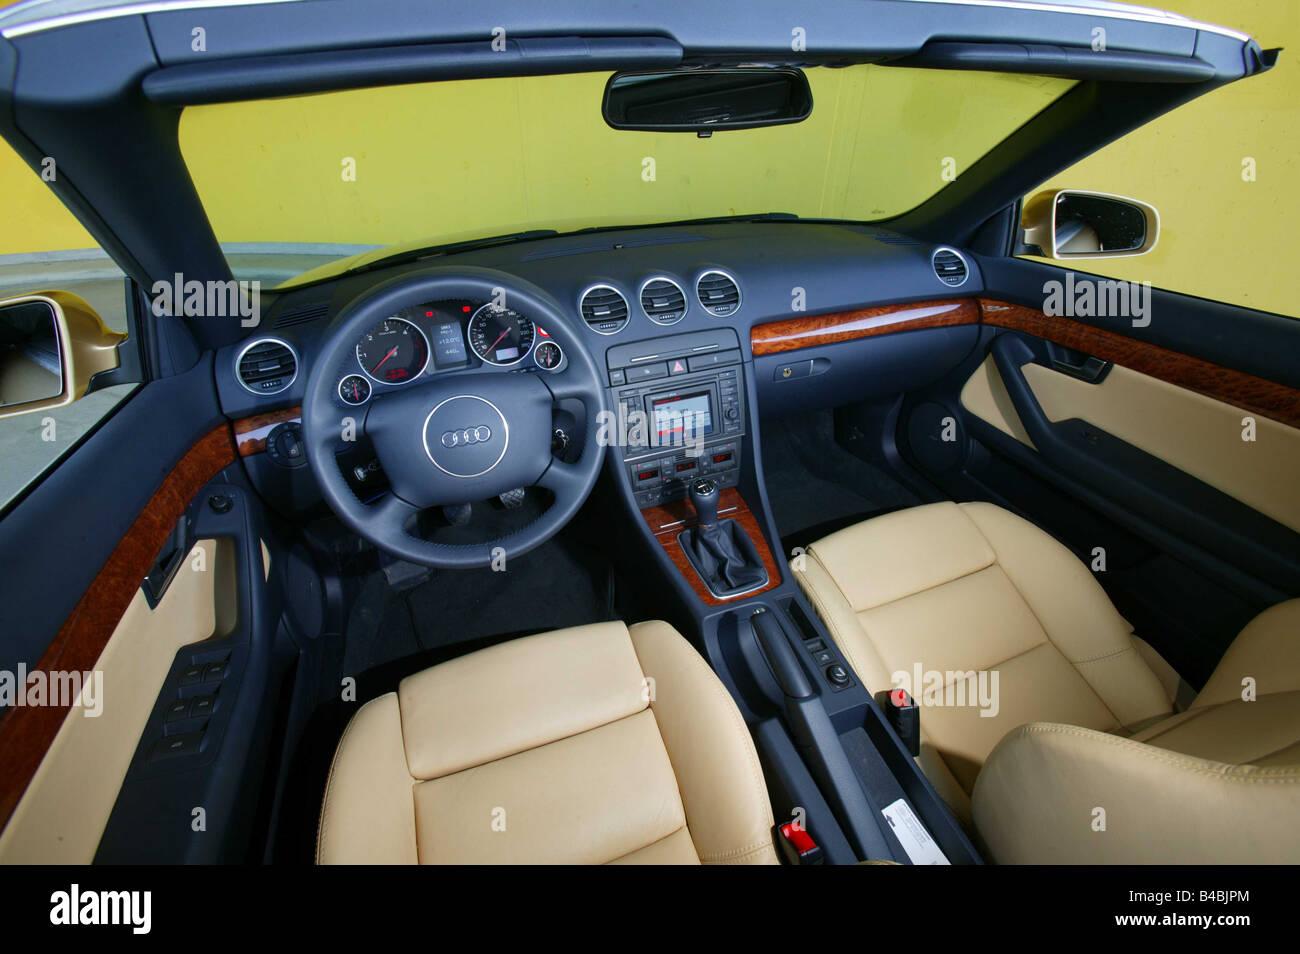 auto audi a4 cabrio dieselmotor baujahr 2000 gold oben innen blick innenansicht cockpit. Black Bedroom Furniture Sets. Home Design Ideas